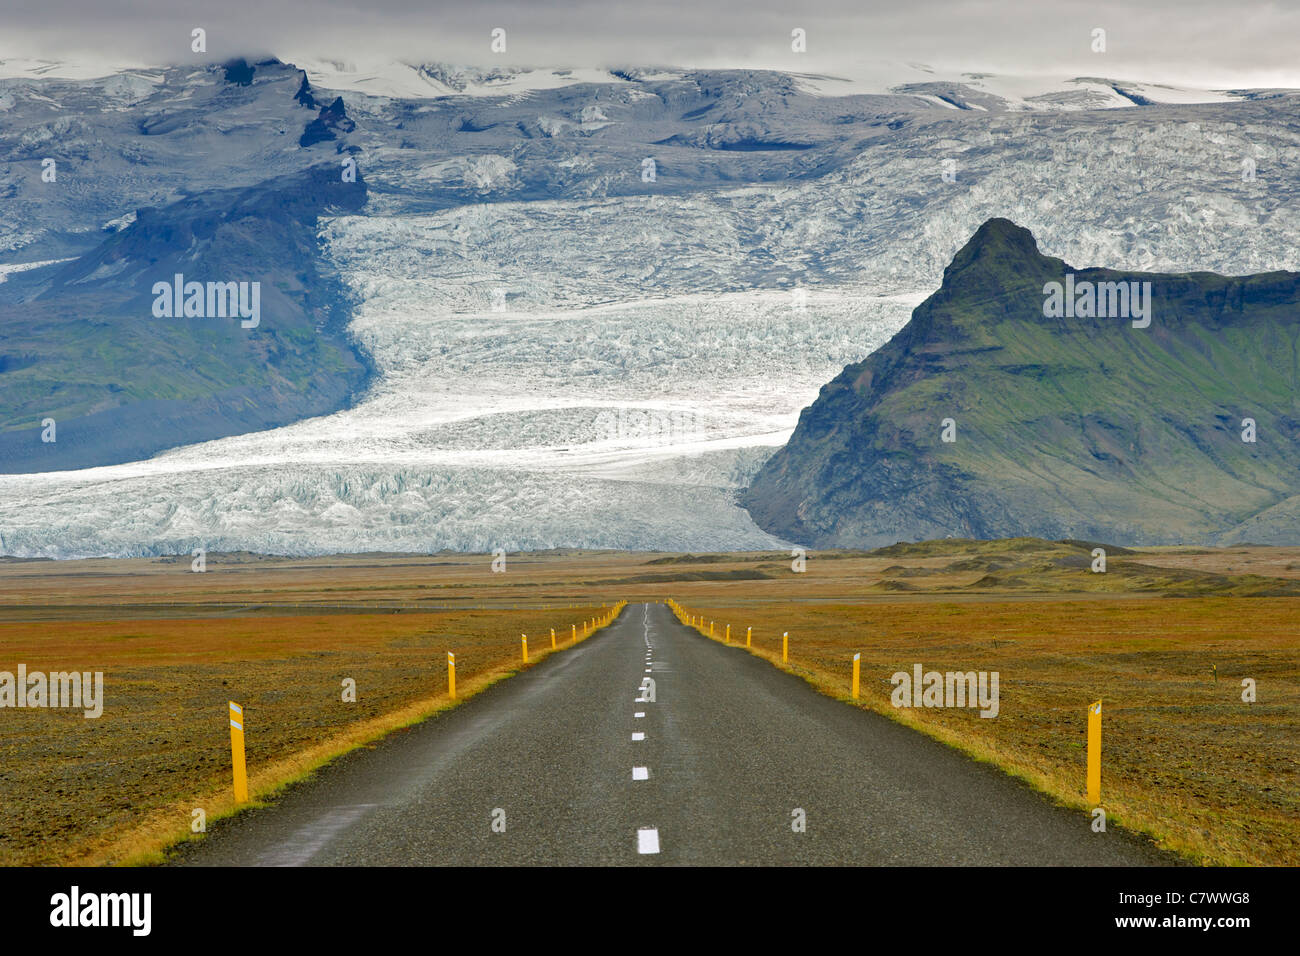 La carretera de circunvalación de Islandia y las laderas de la montaña más alta de Islandia Hvannadalshnúkur Imagen De Stock